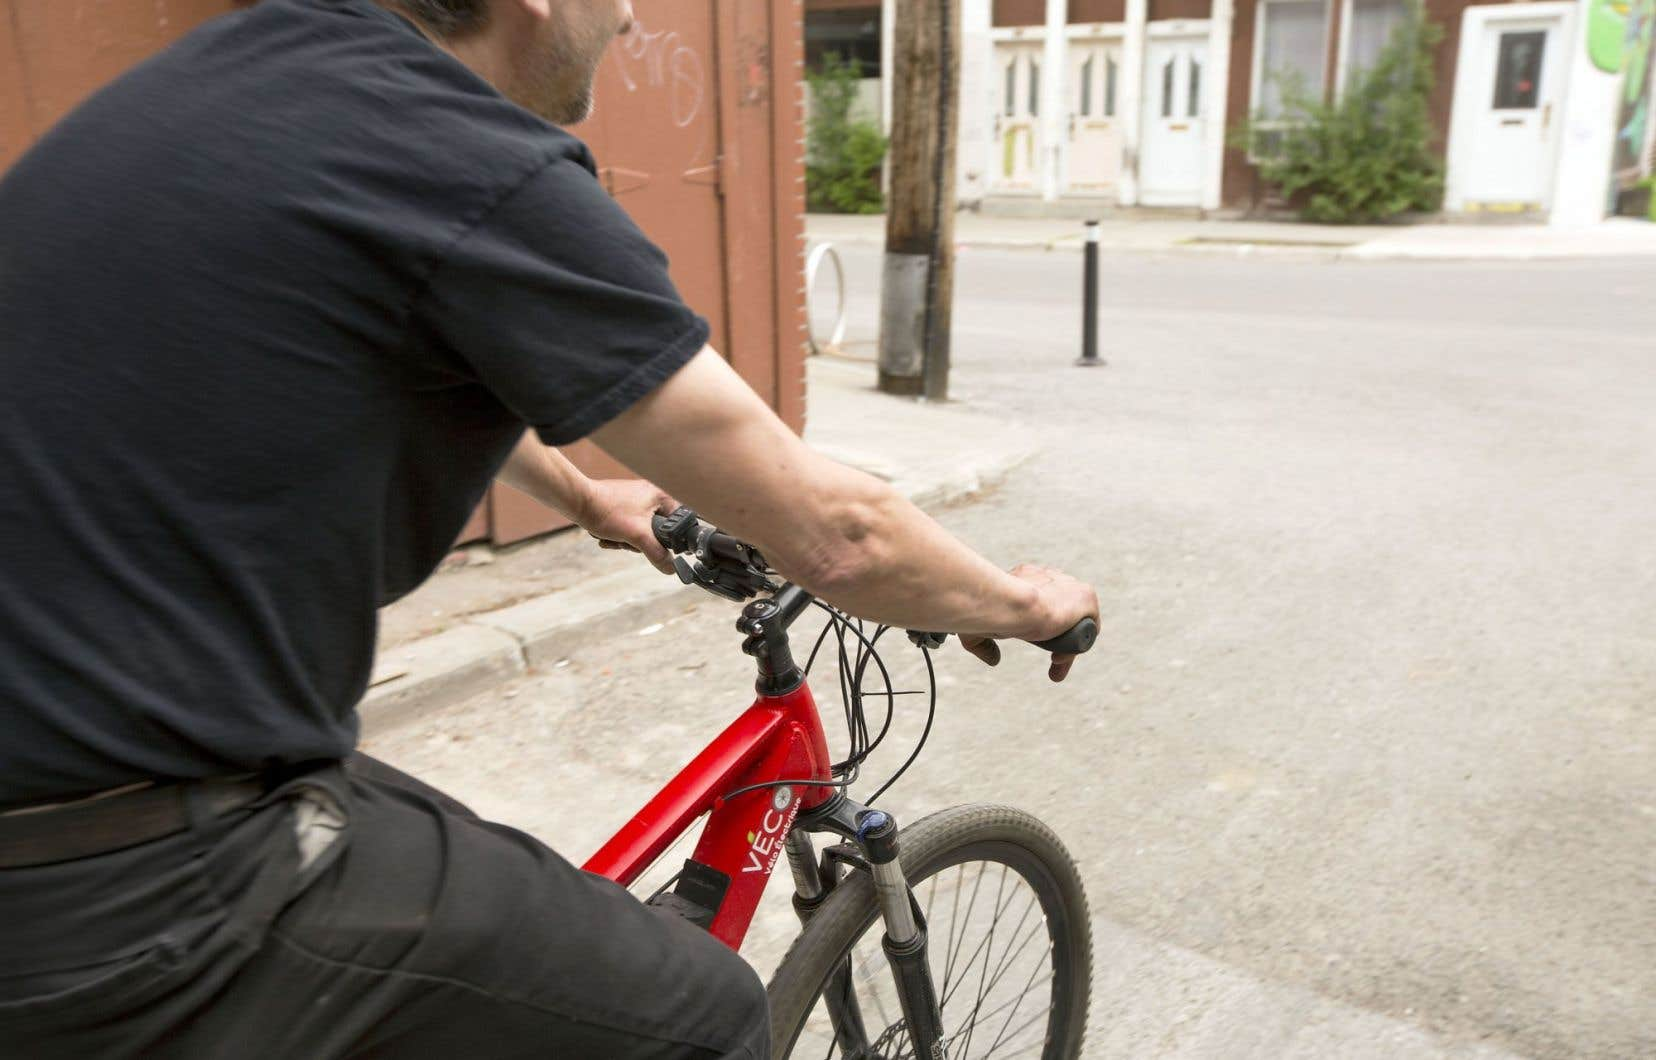 Le vélo électrique, qui permet de parcourir de plus grandes distances et de monter des côtes sans trop d'efforts, peut attirer certaines personnes, qui d'emblée ne seraient pas tentées par le vélo, ni par l'activité physique.